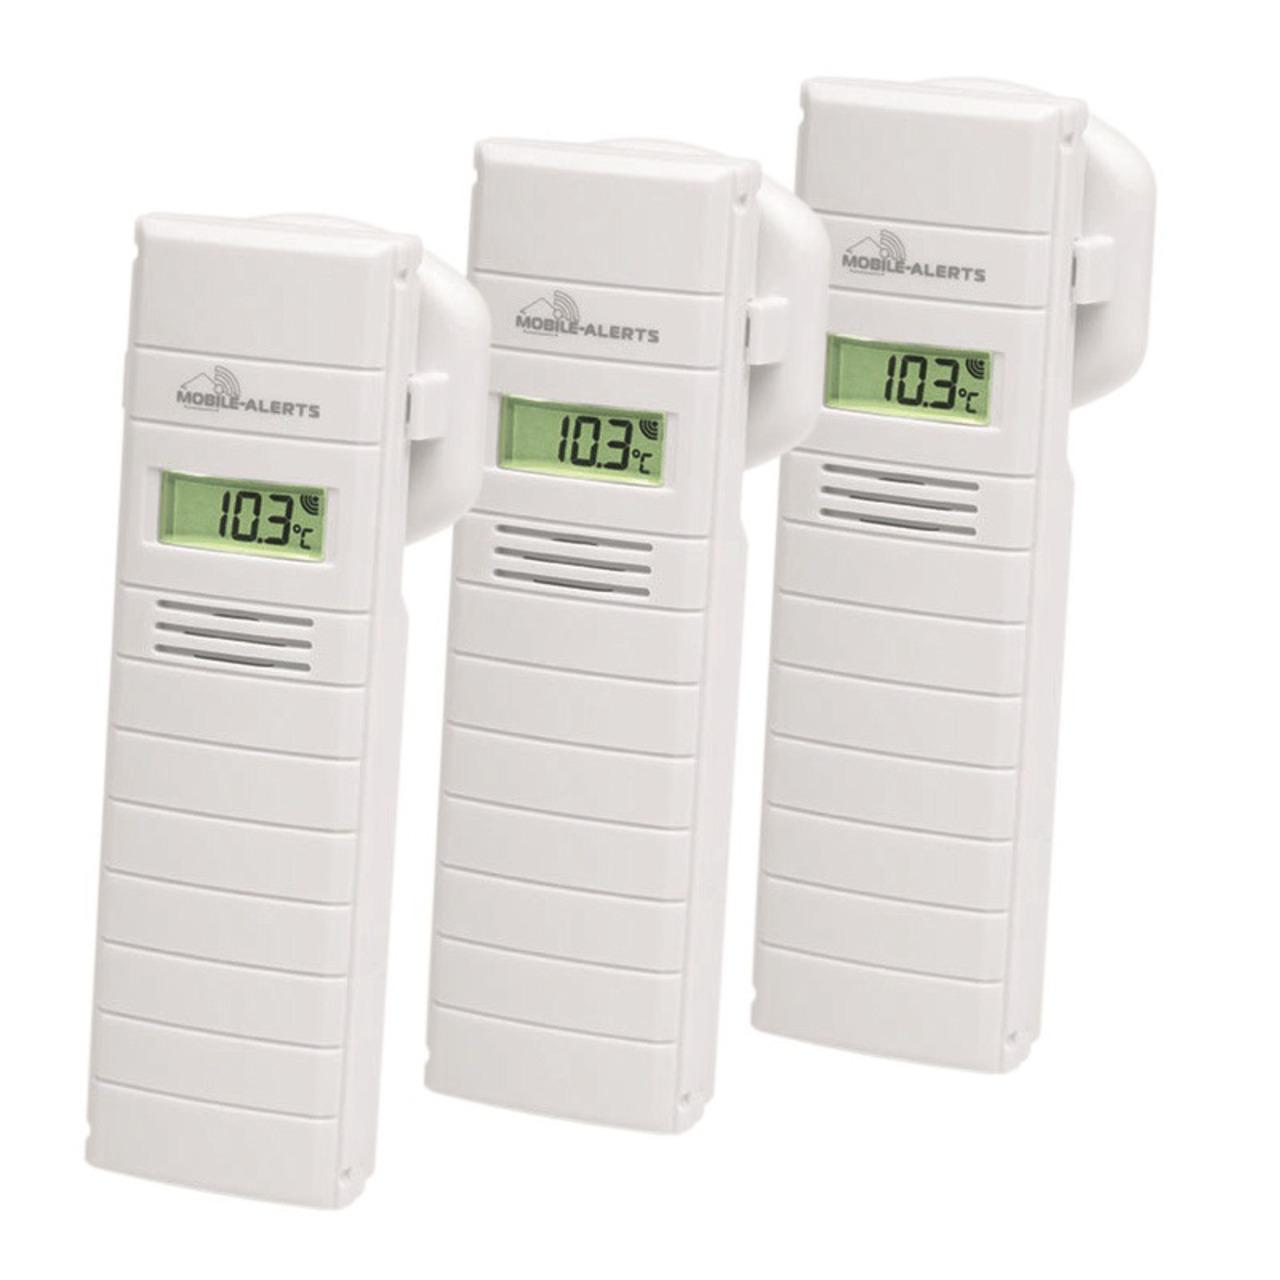 ELV Mobile Alerts Temperatur-Luftfeuchtigkeitssensor MA10200 mit LC-Display- 3er Set